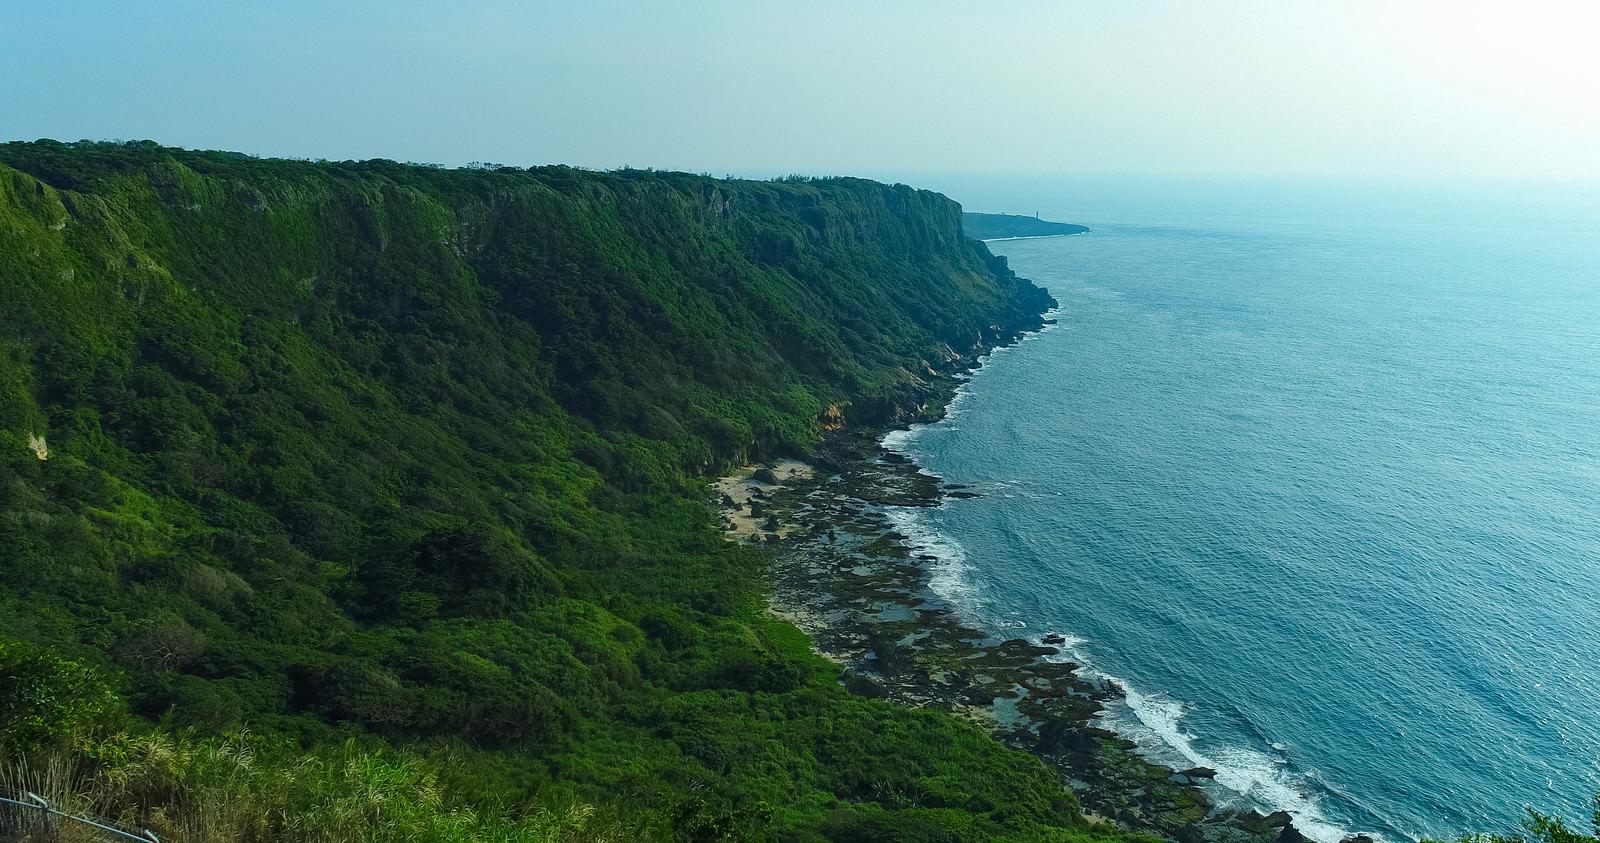 「隆起サンゴ礁と犬の門蓋の奇岩の景観」の写真